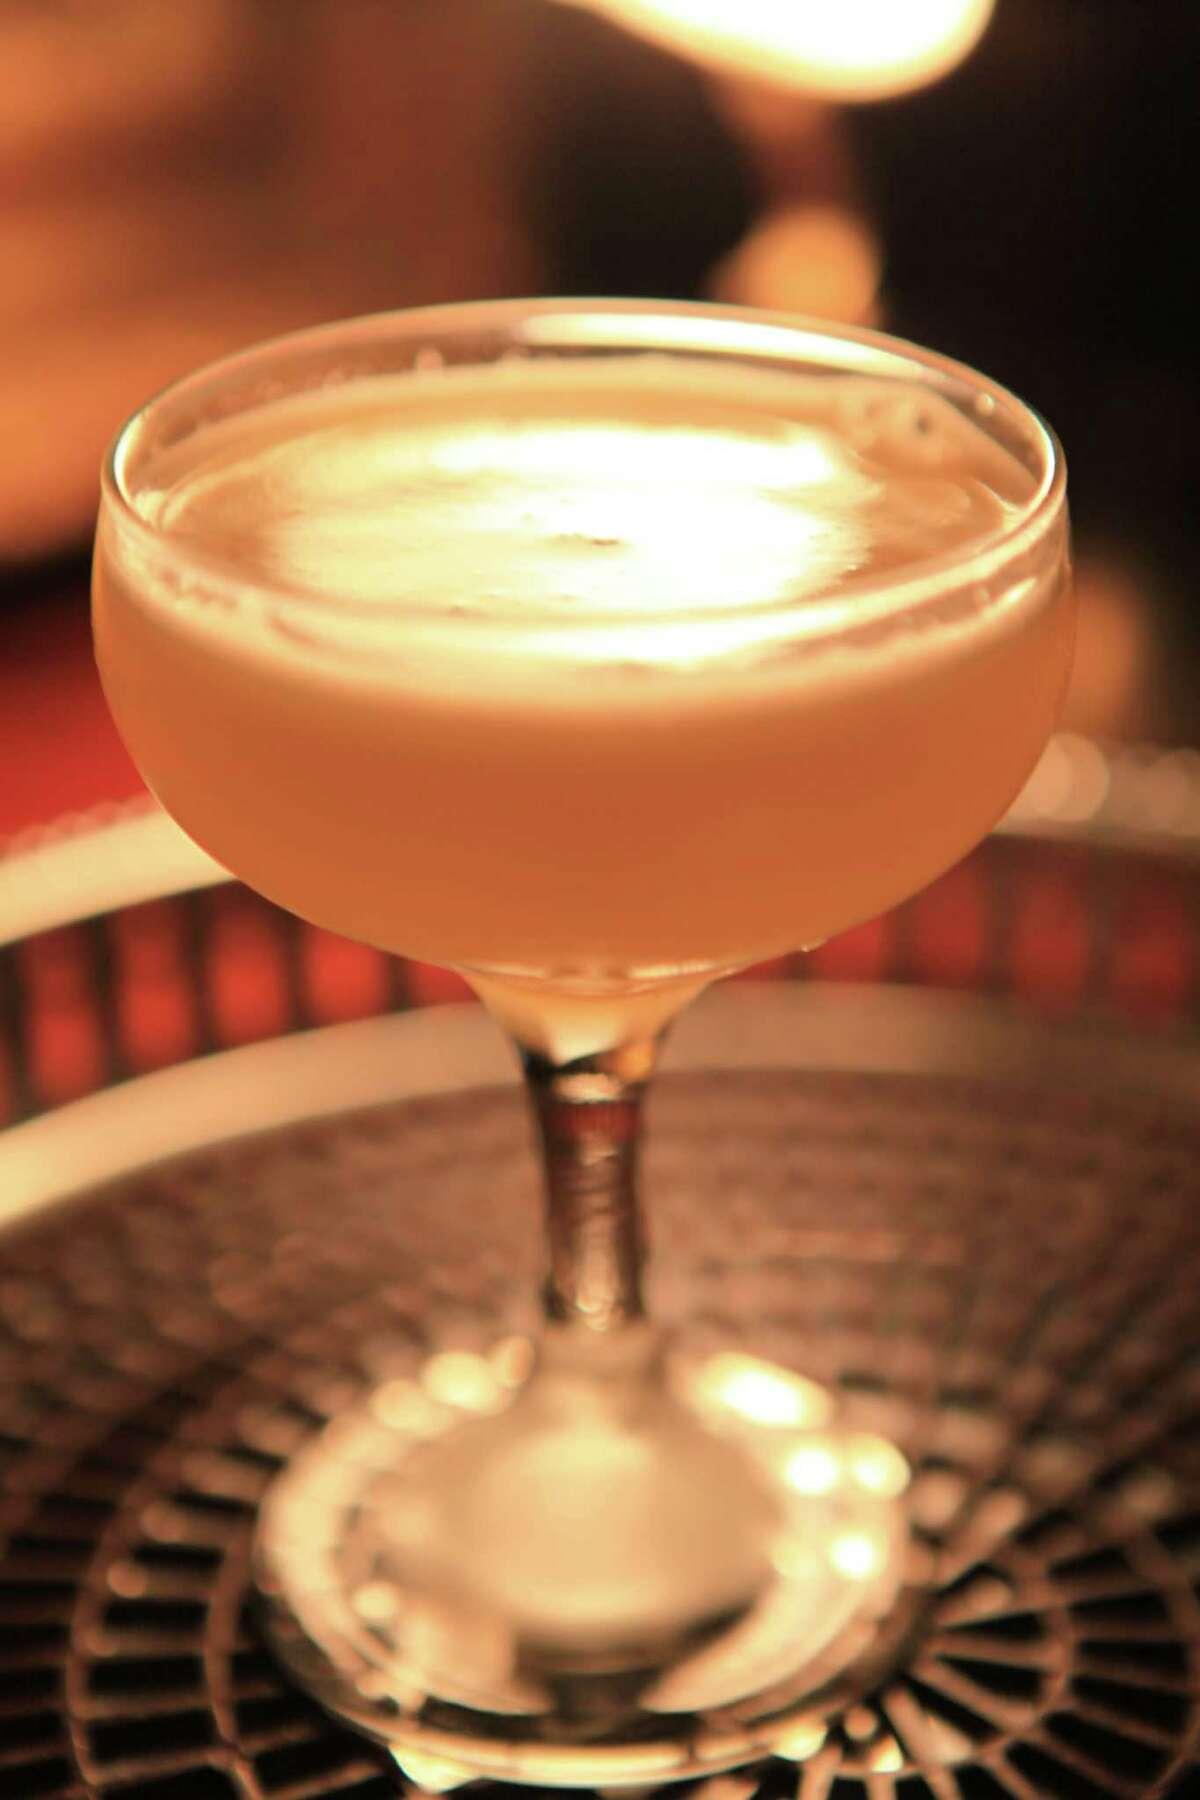 Rio Snap cocktail